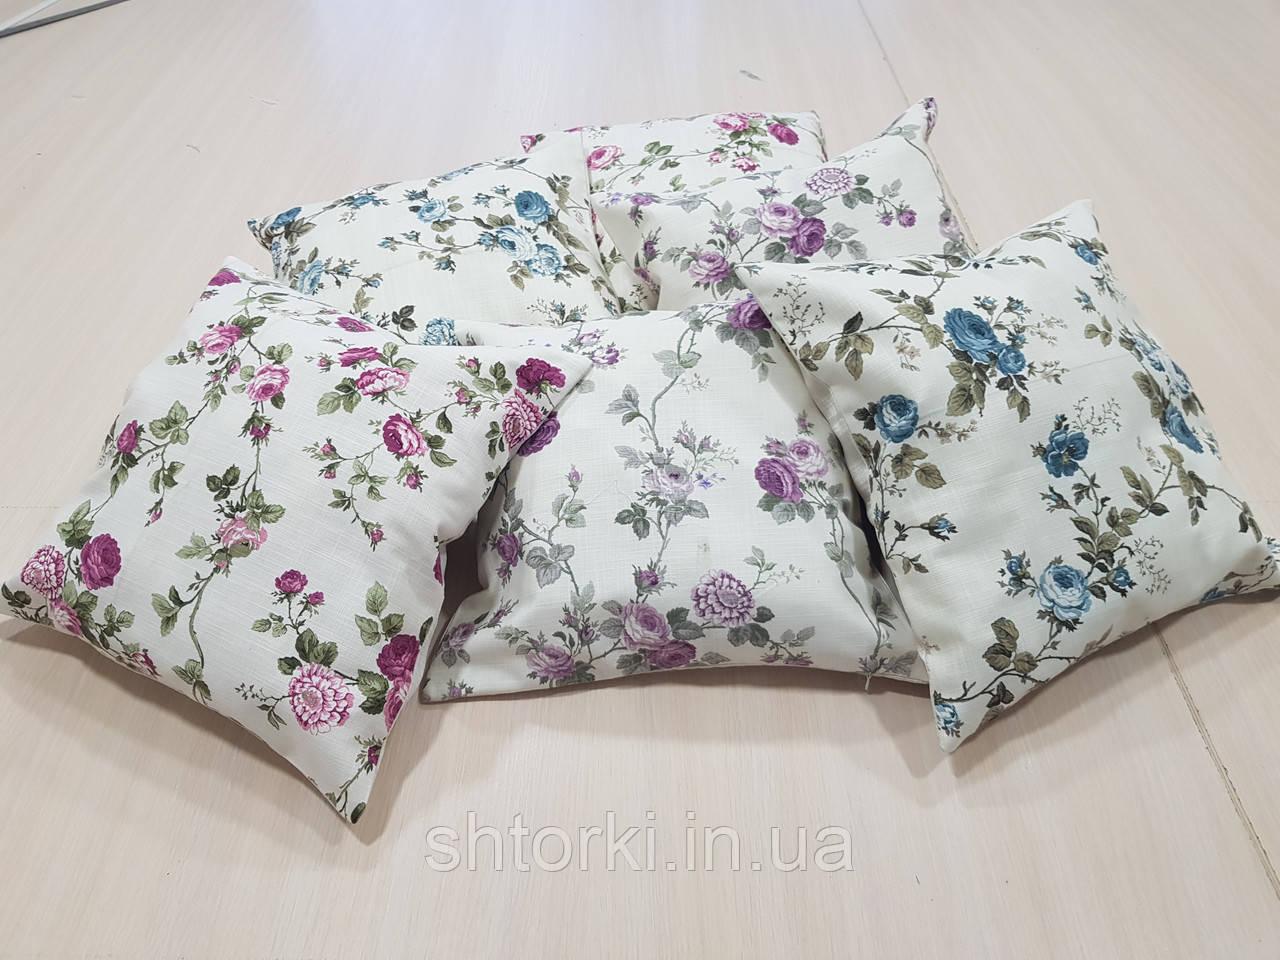 Комплект подушок Трояндочки різні , 6шт